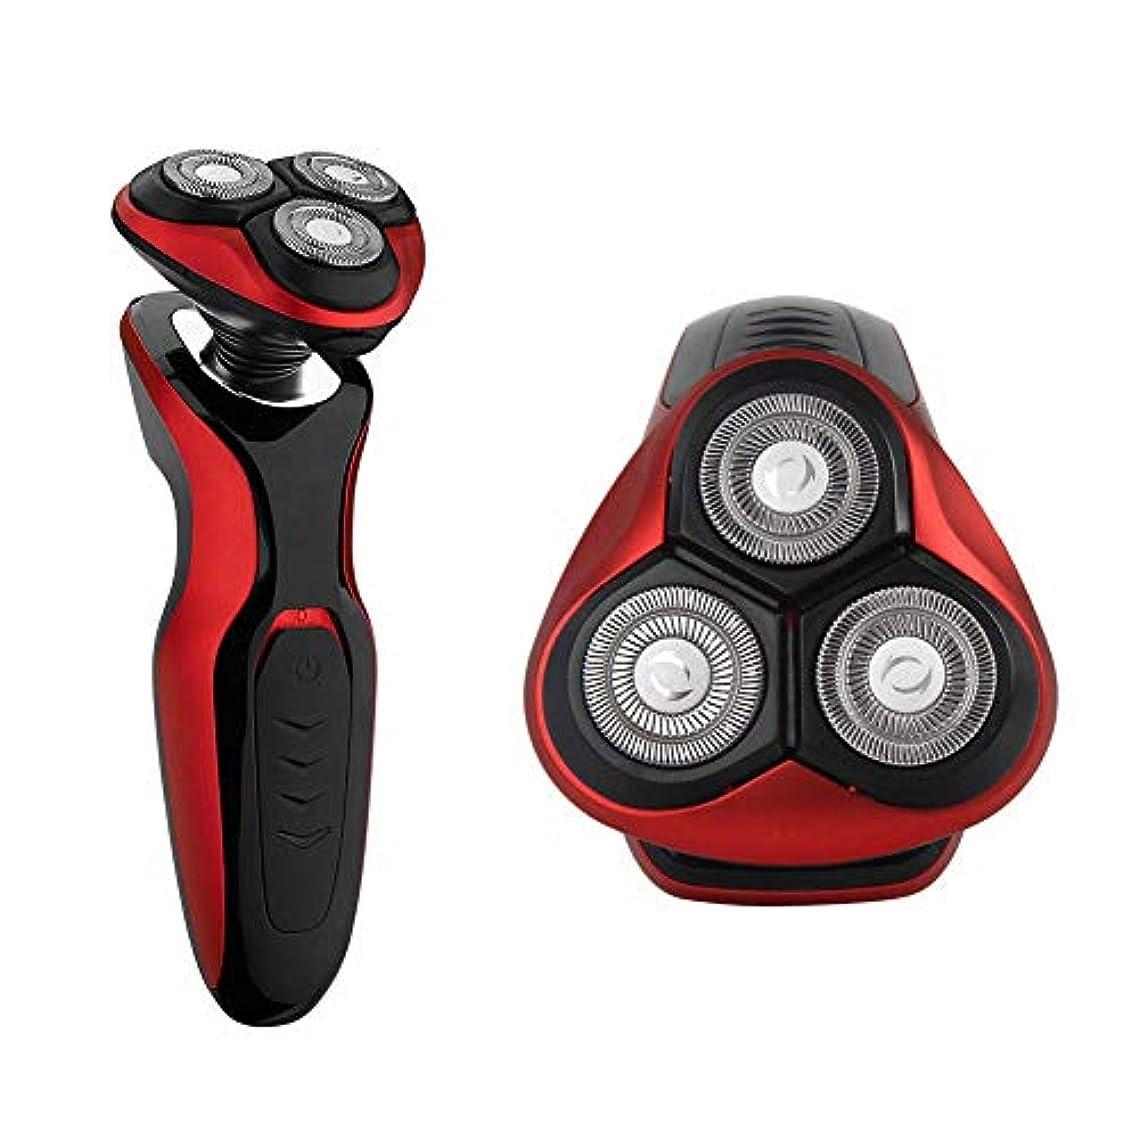 静脈経済的球状ポータブル電気シェーバーひげかみそり電気ロータリーシェーバー顔毛トリマーIPX7防水充電式ひげトリマー用男性